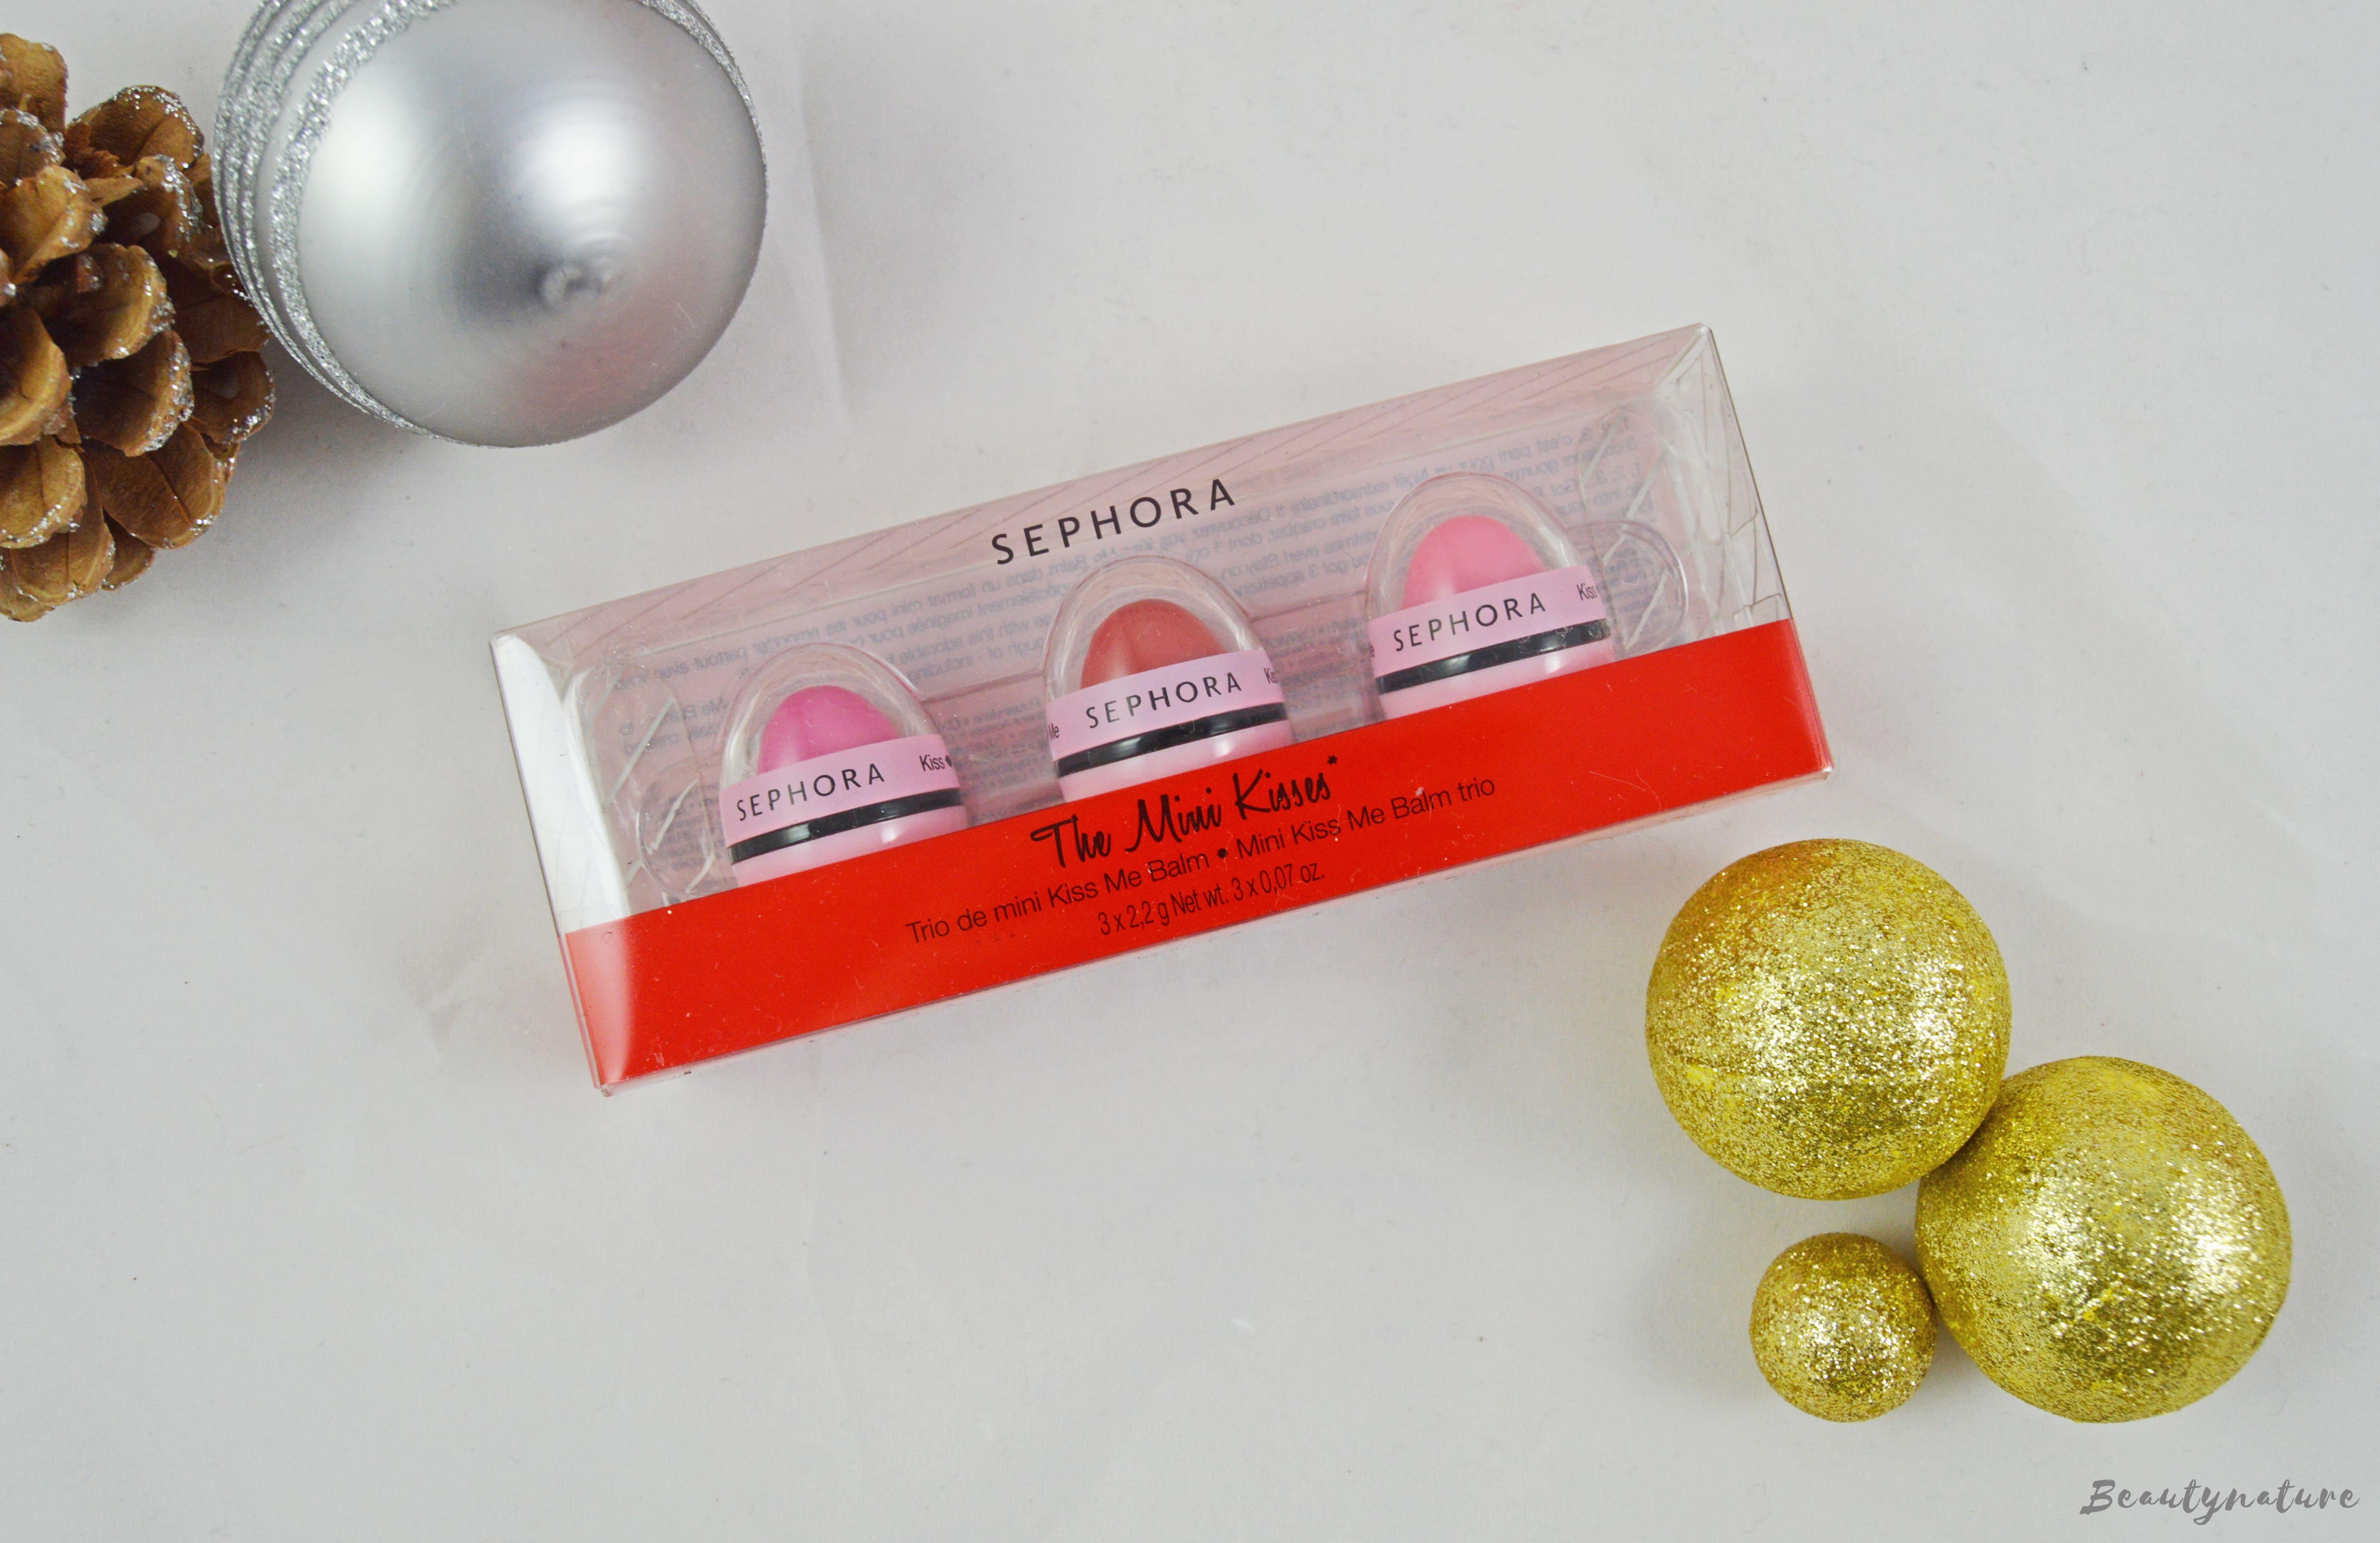 Sephora - The mini kisses